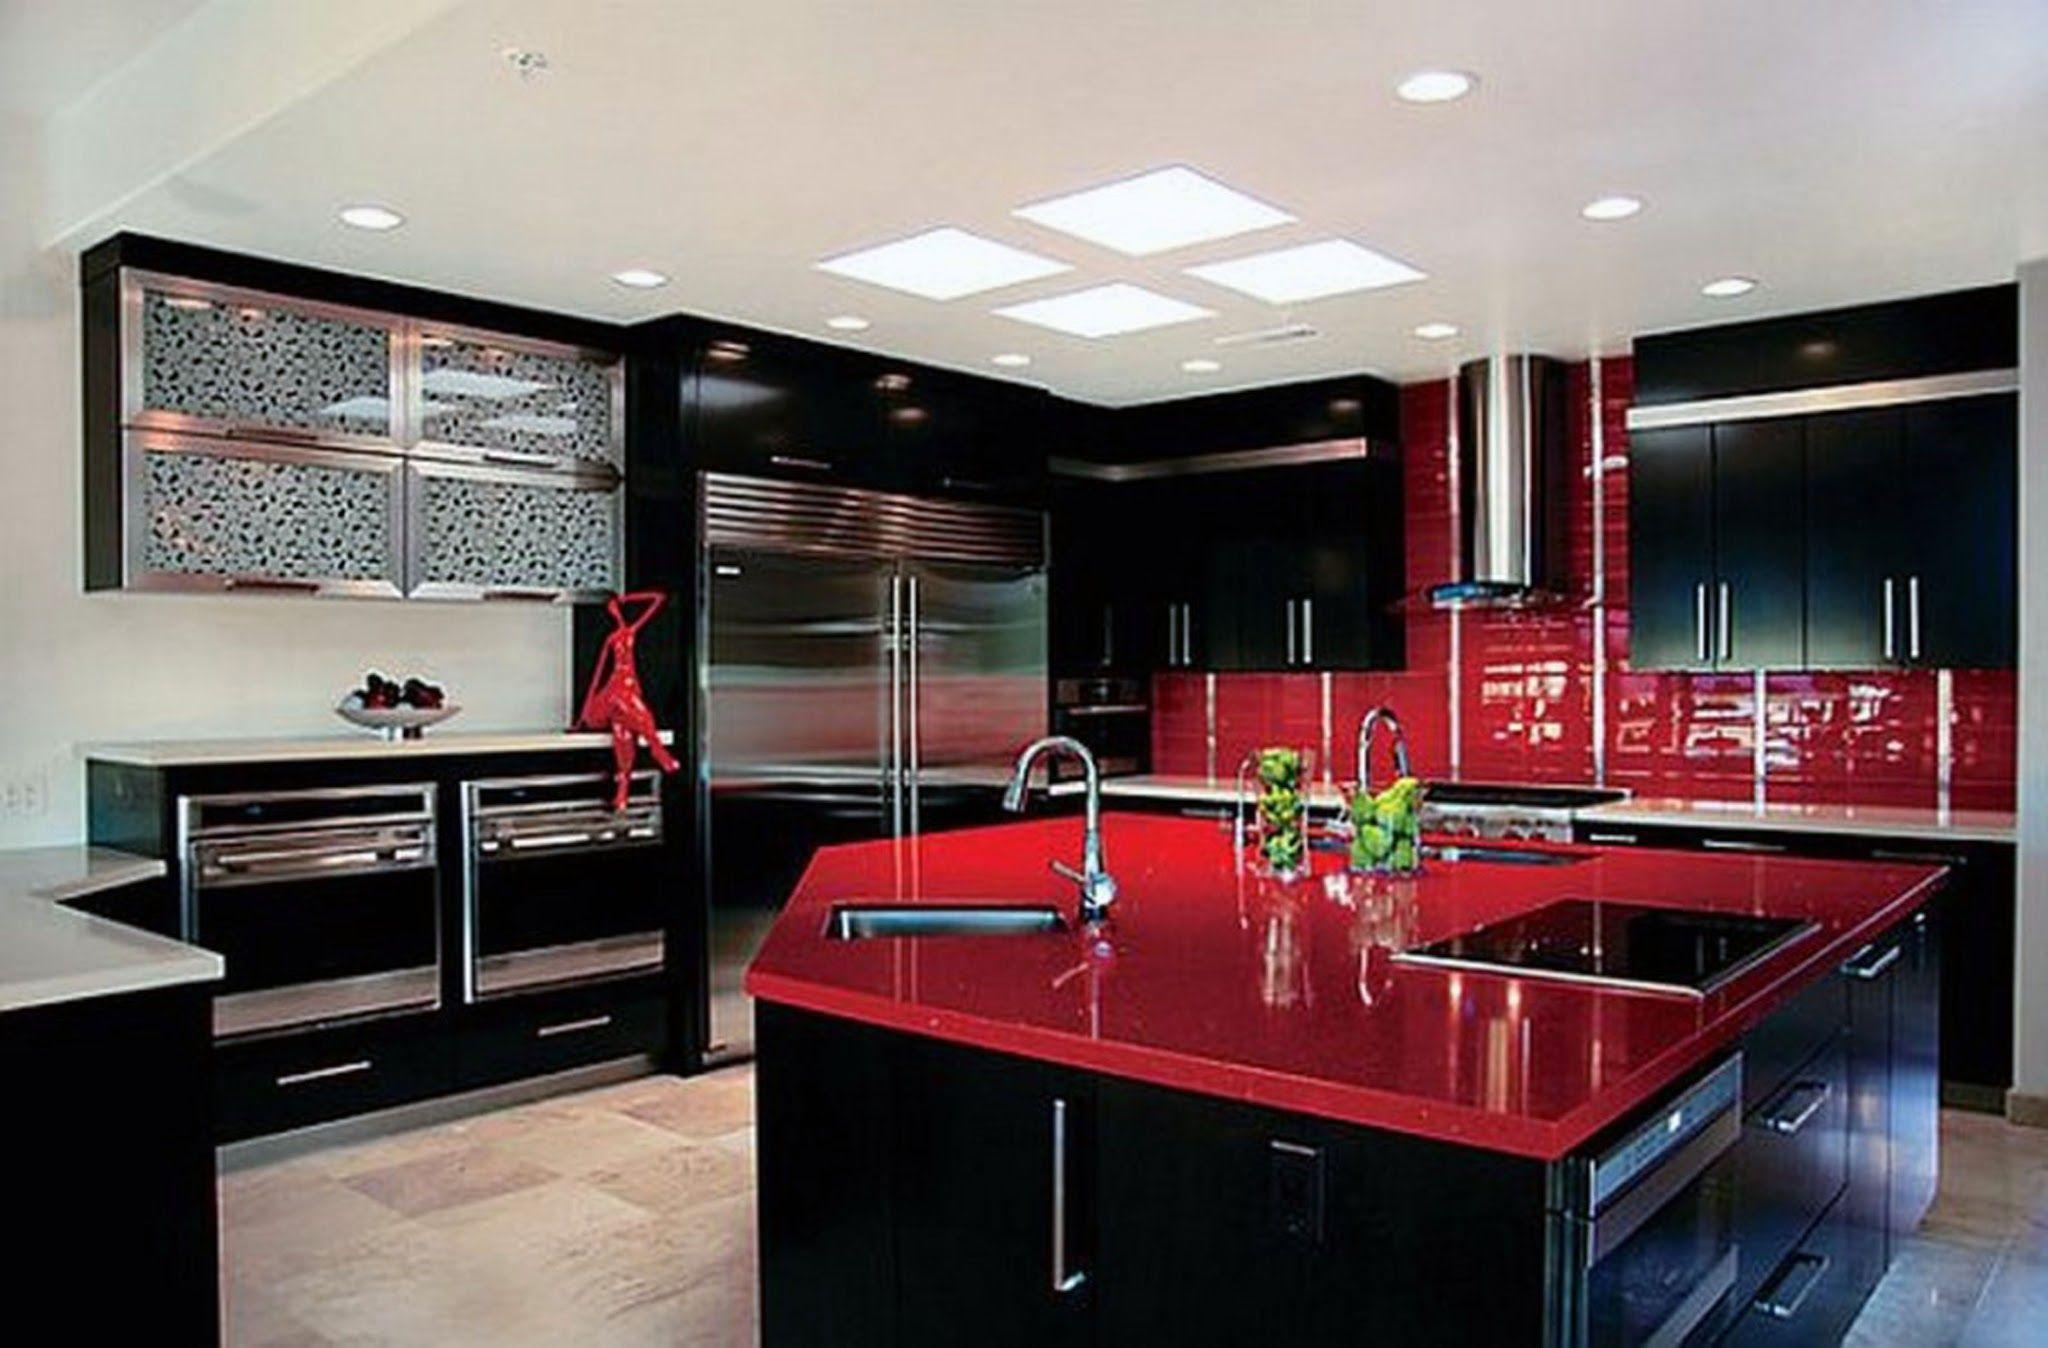 Gestalten sie ihre küche  schöne küchen um ihre küche neu zu gestalten  küche dekoration